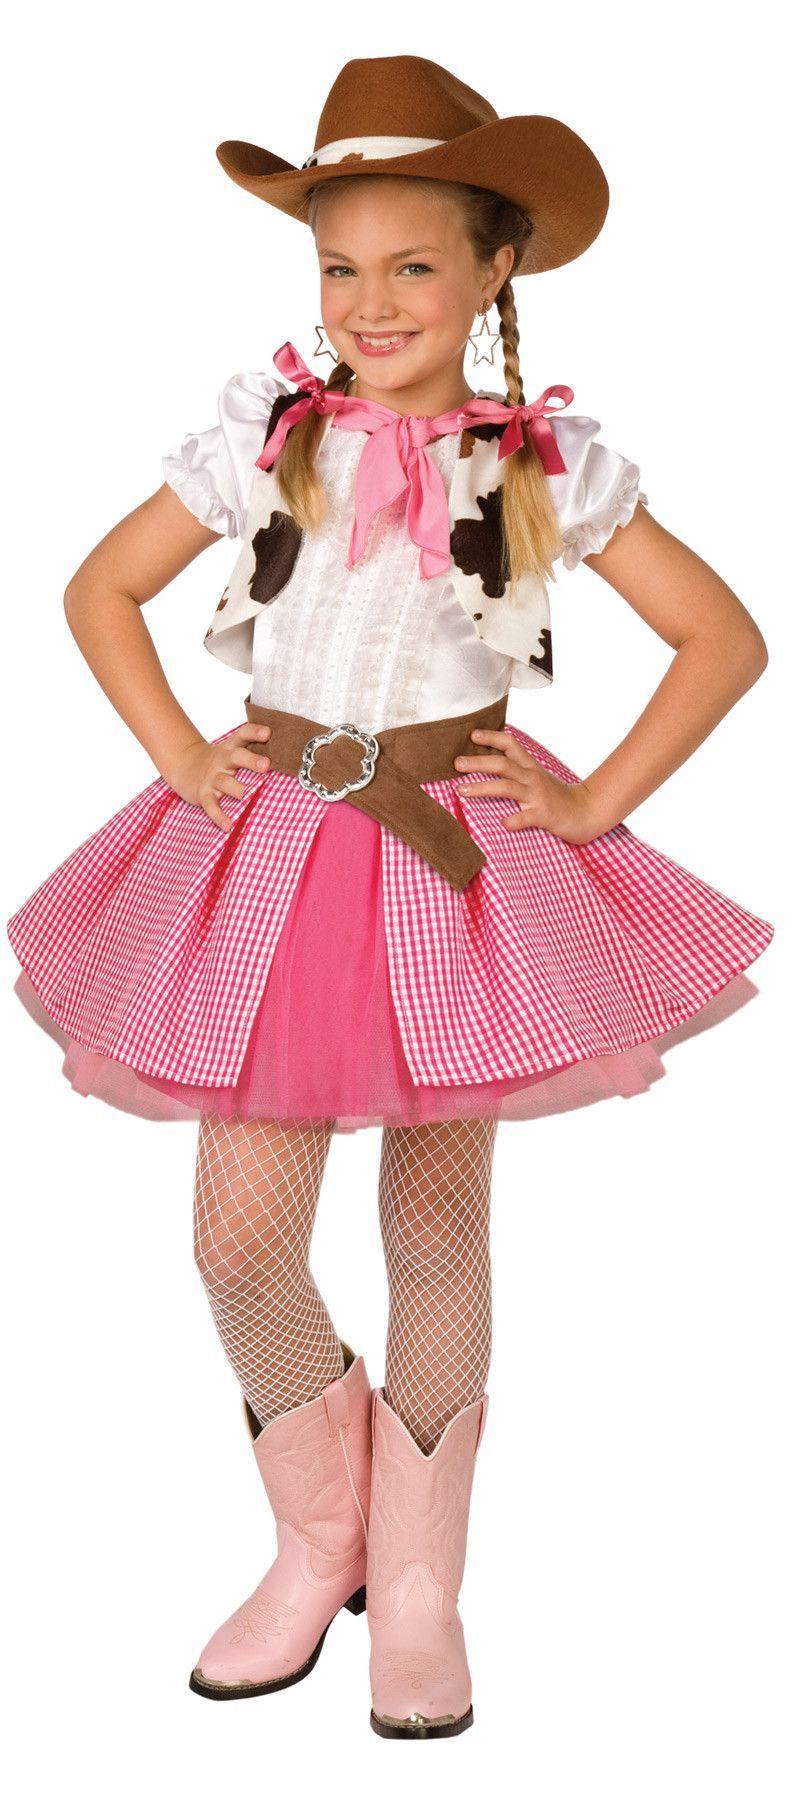 Halloween Kleding Maken.Cowgirl Cutie Child Kleding Maken Carnaval Kleding